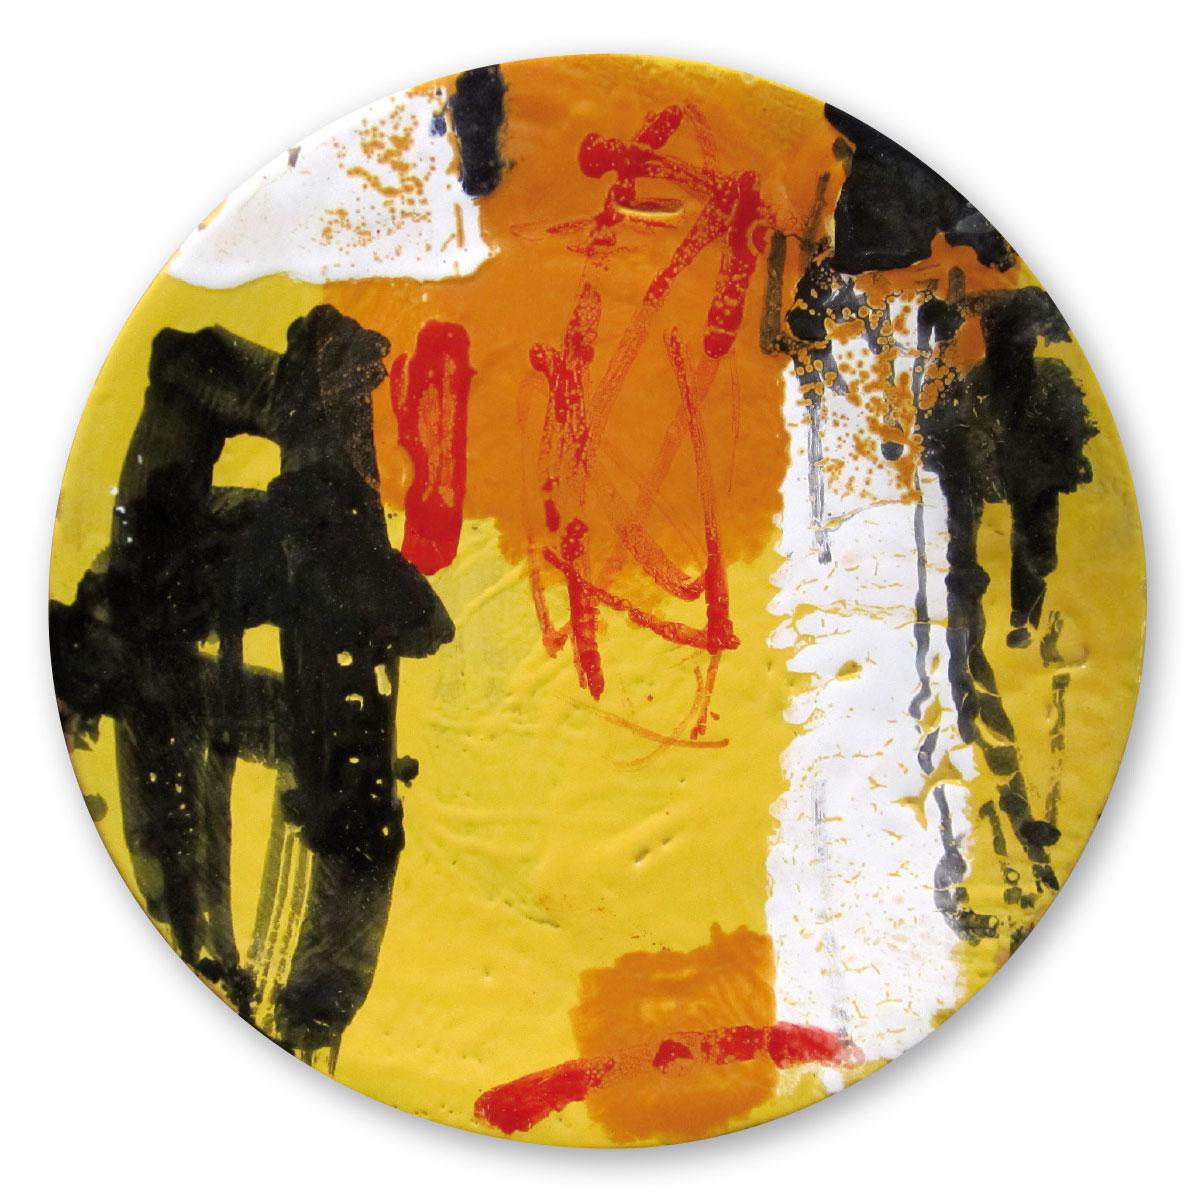 L'opera dell'artista Enzo Esposito acquisita dal Museo a cielo aperto di Denice, dedicato alla ceramica contemporanea